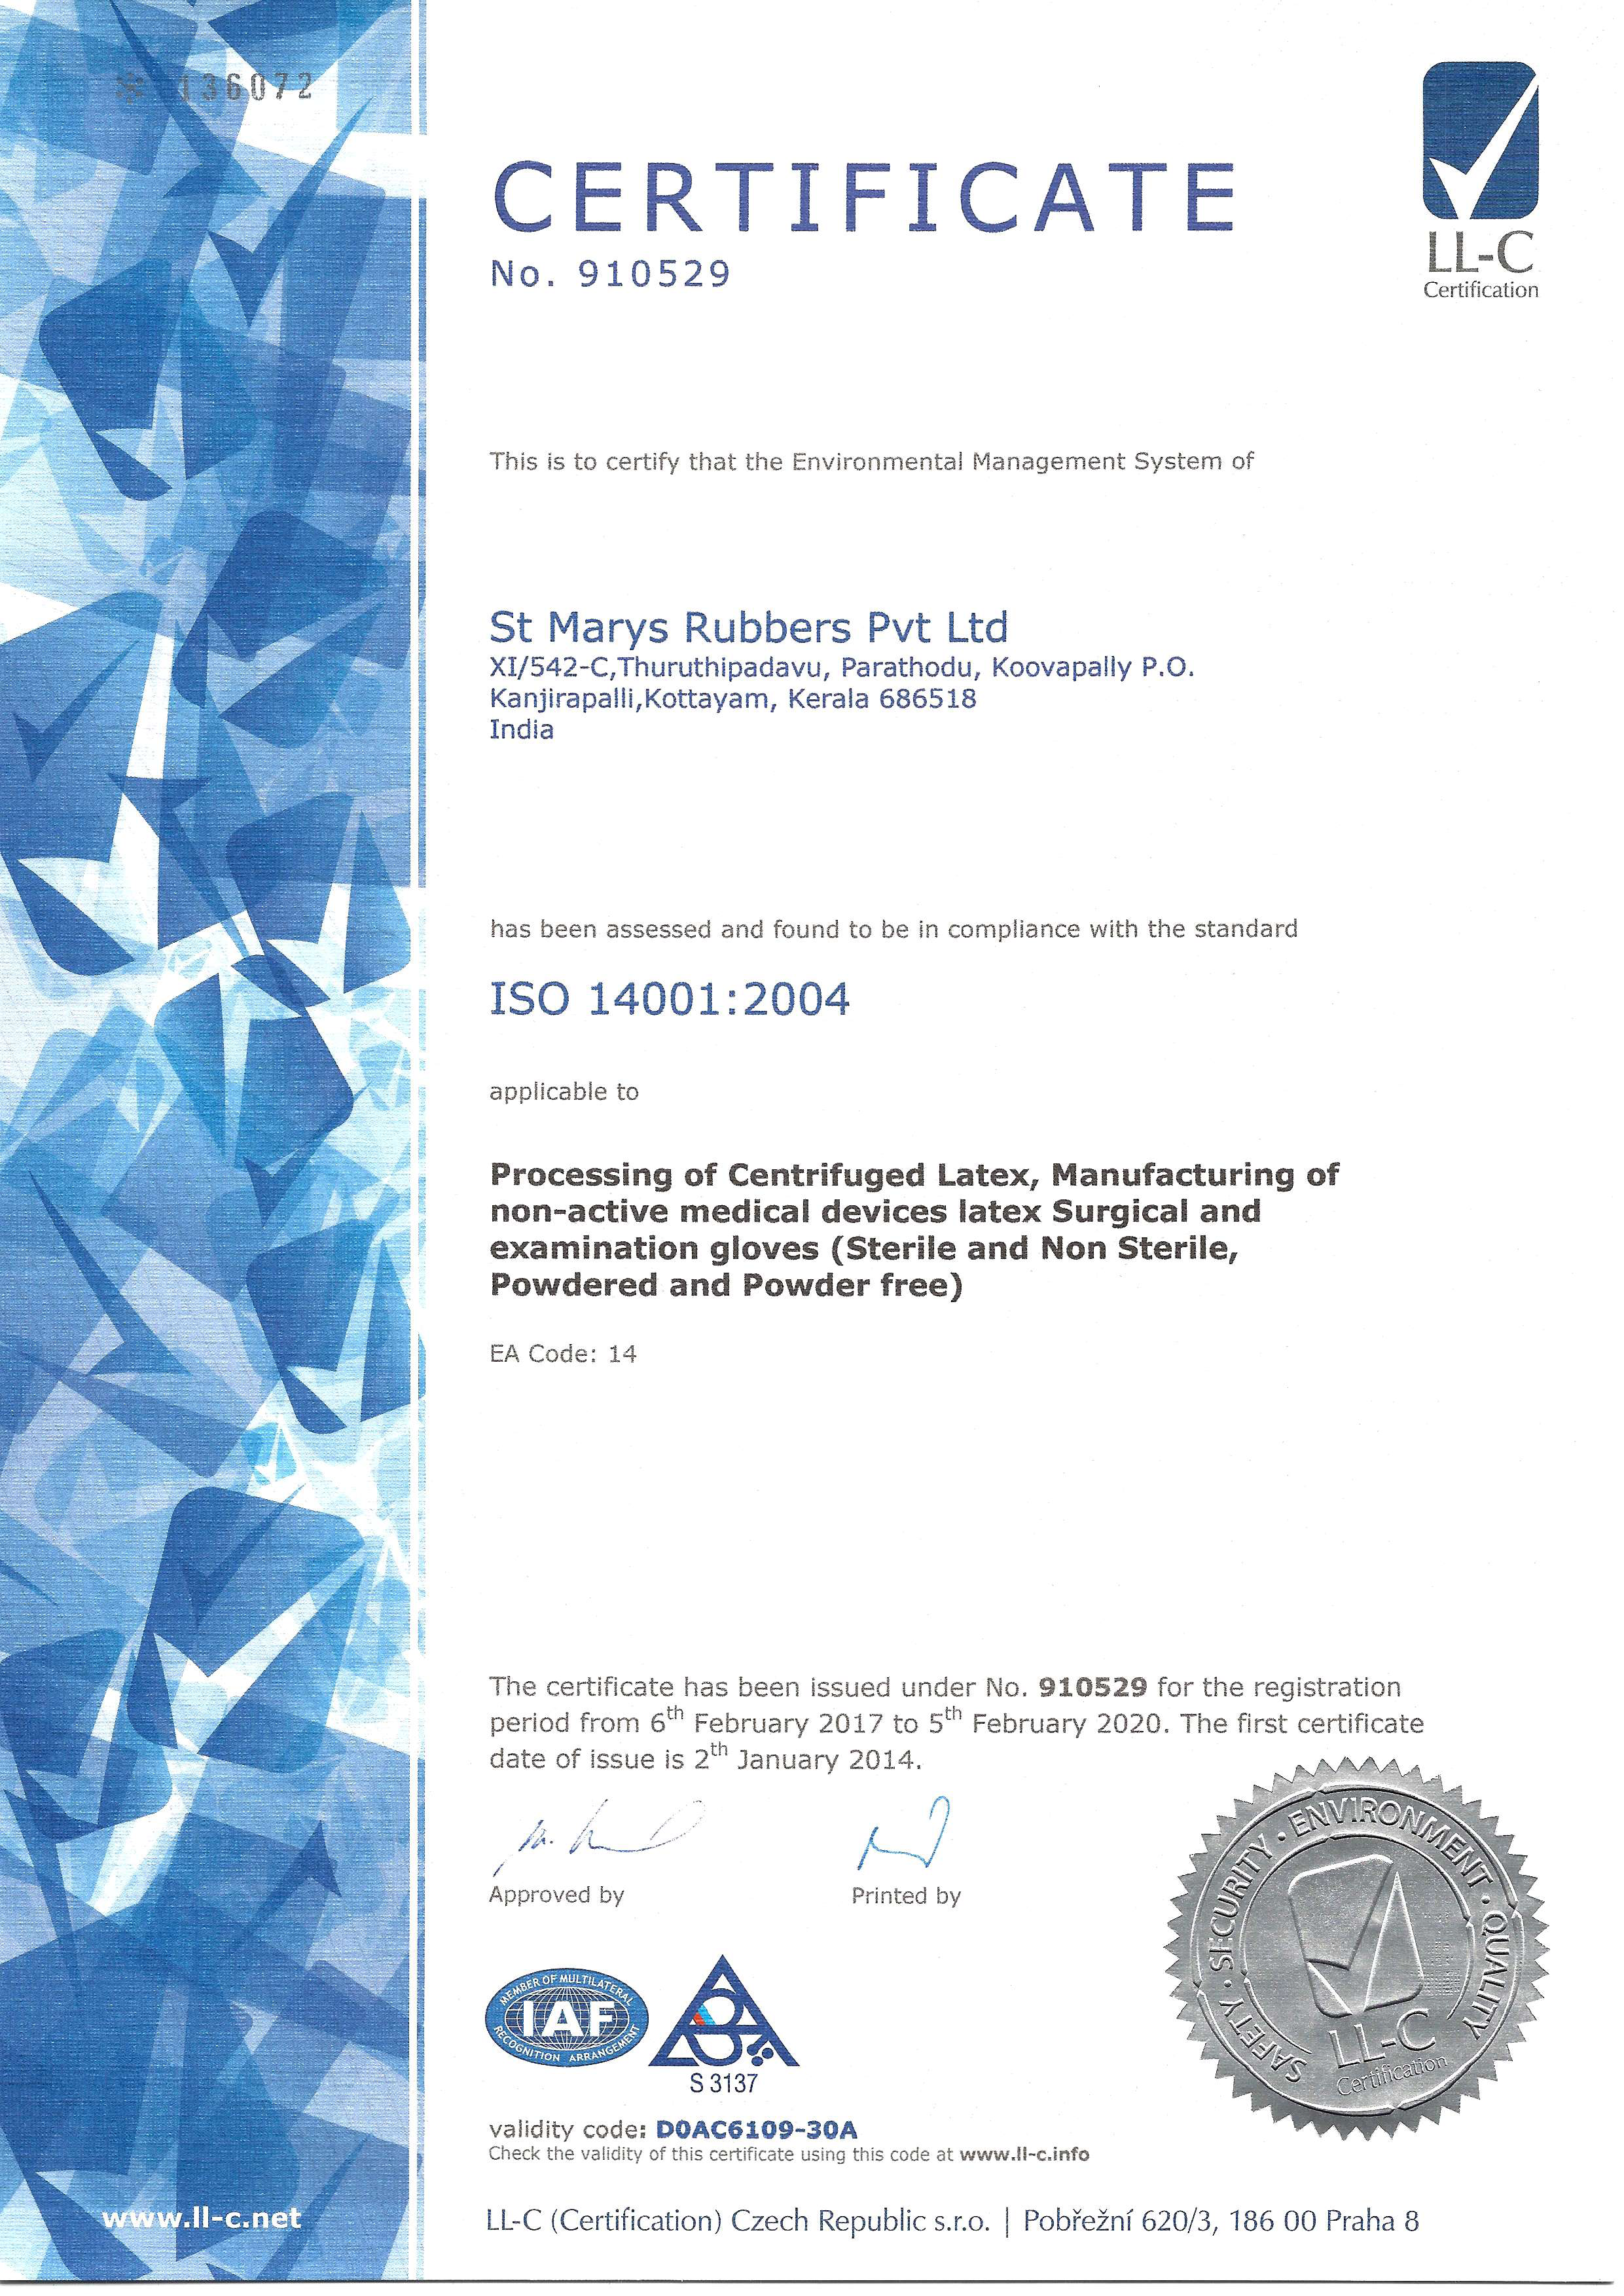 CERTIFICACION-ISO-14001-2012-050220-1